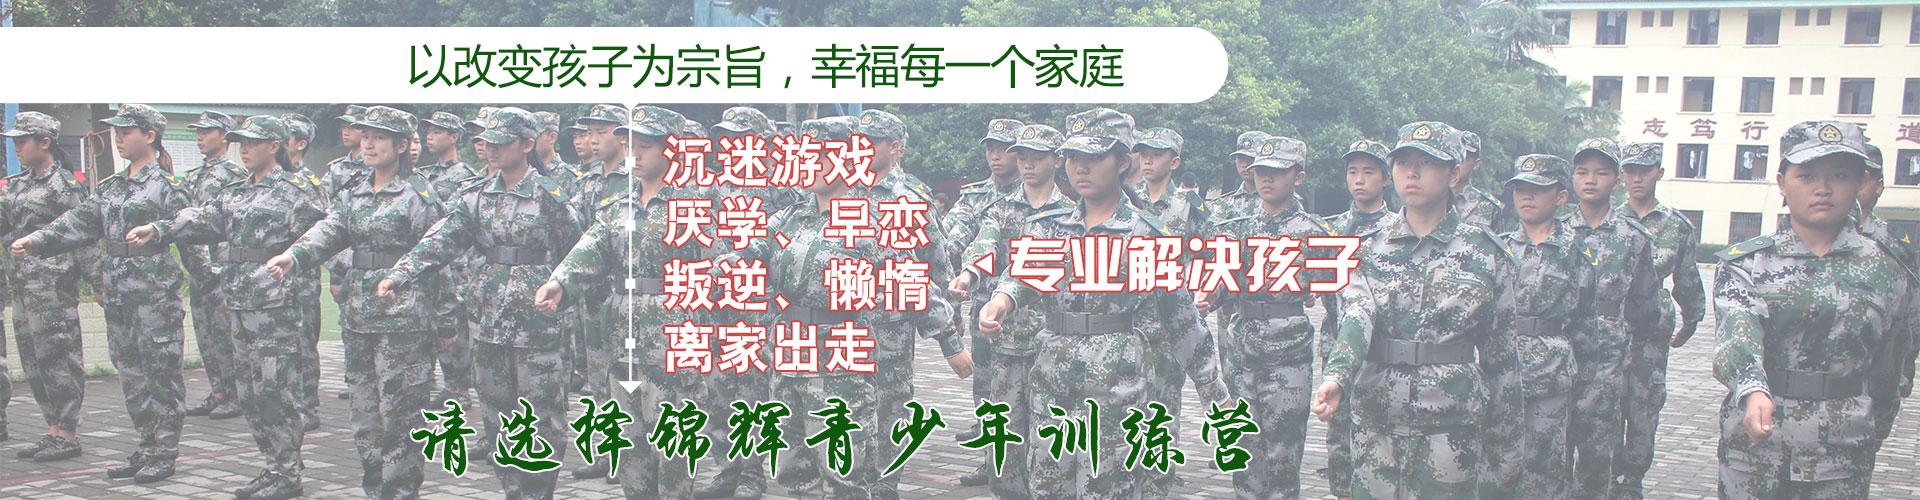 重庆青少年全封闭学校